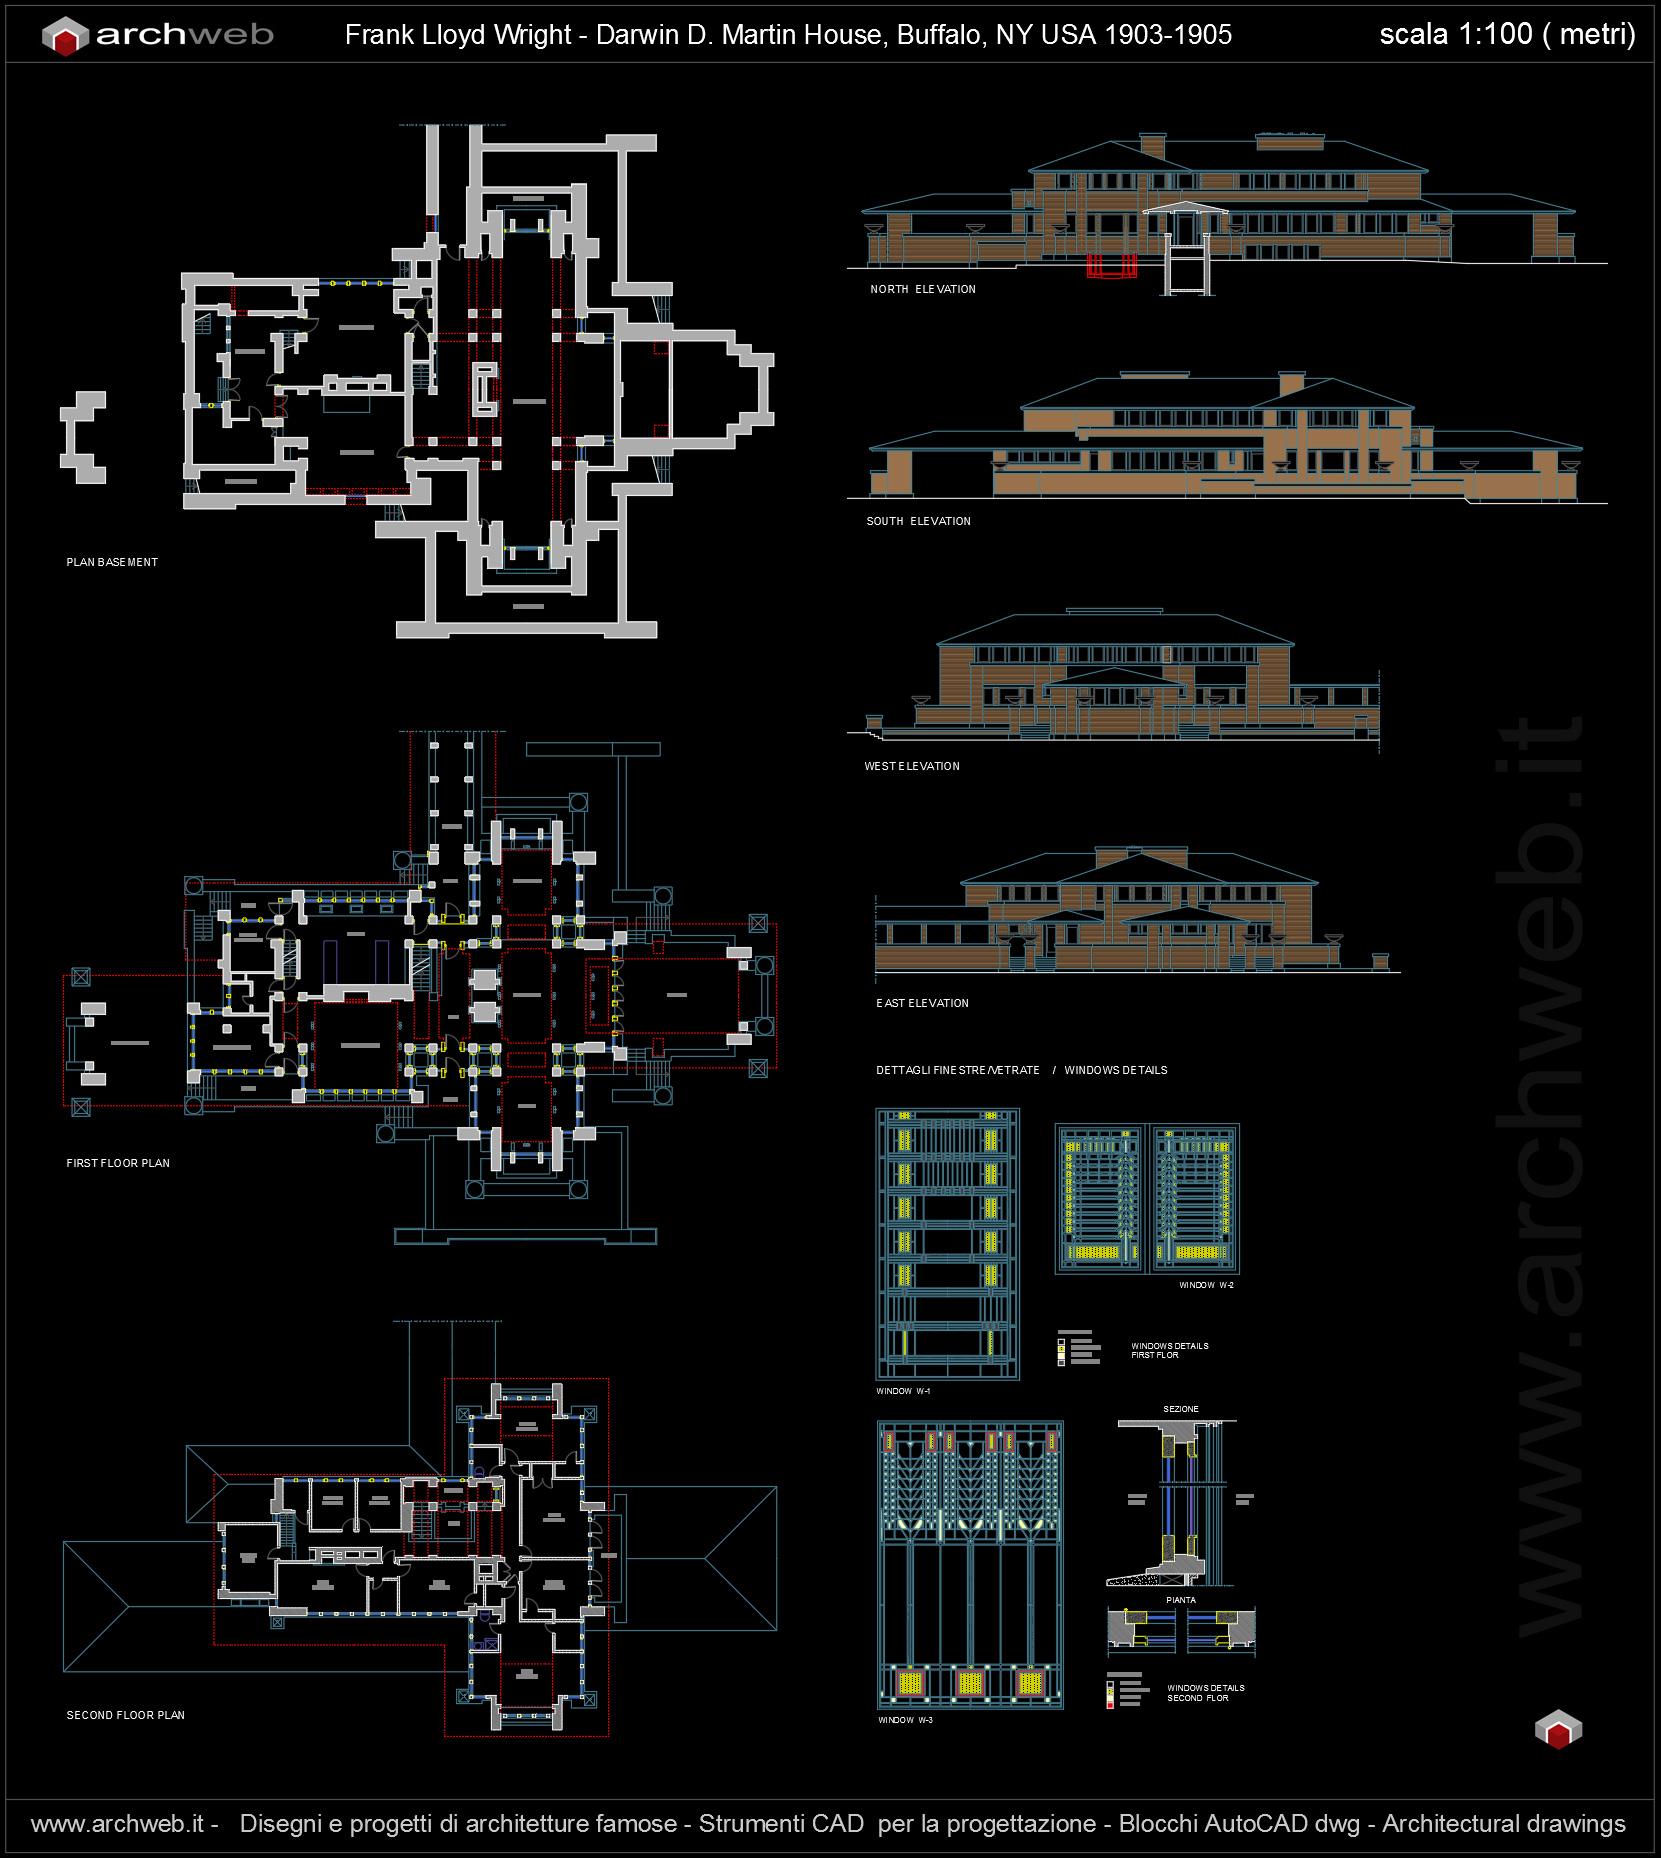 Arredi design dwg immagini ispirazione sul design casa e for Arredi autocad